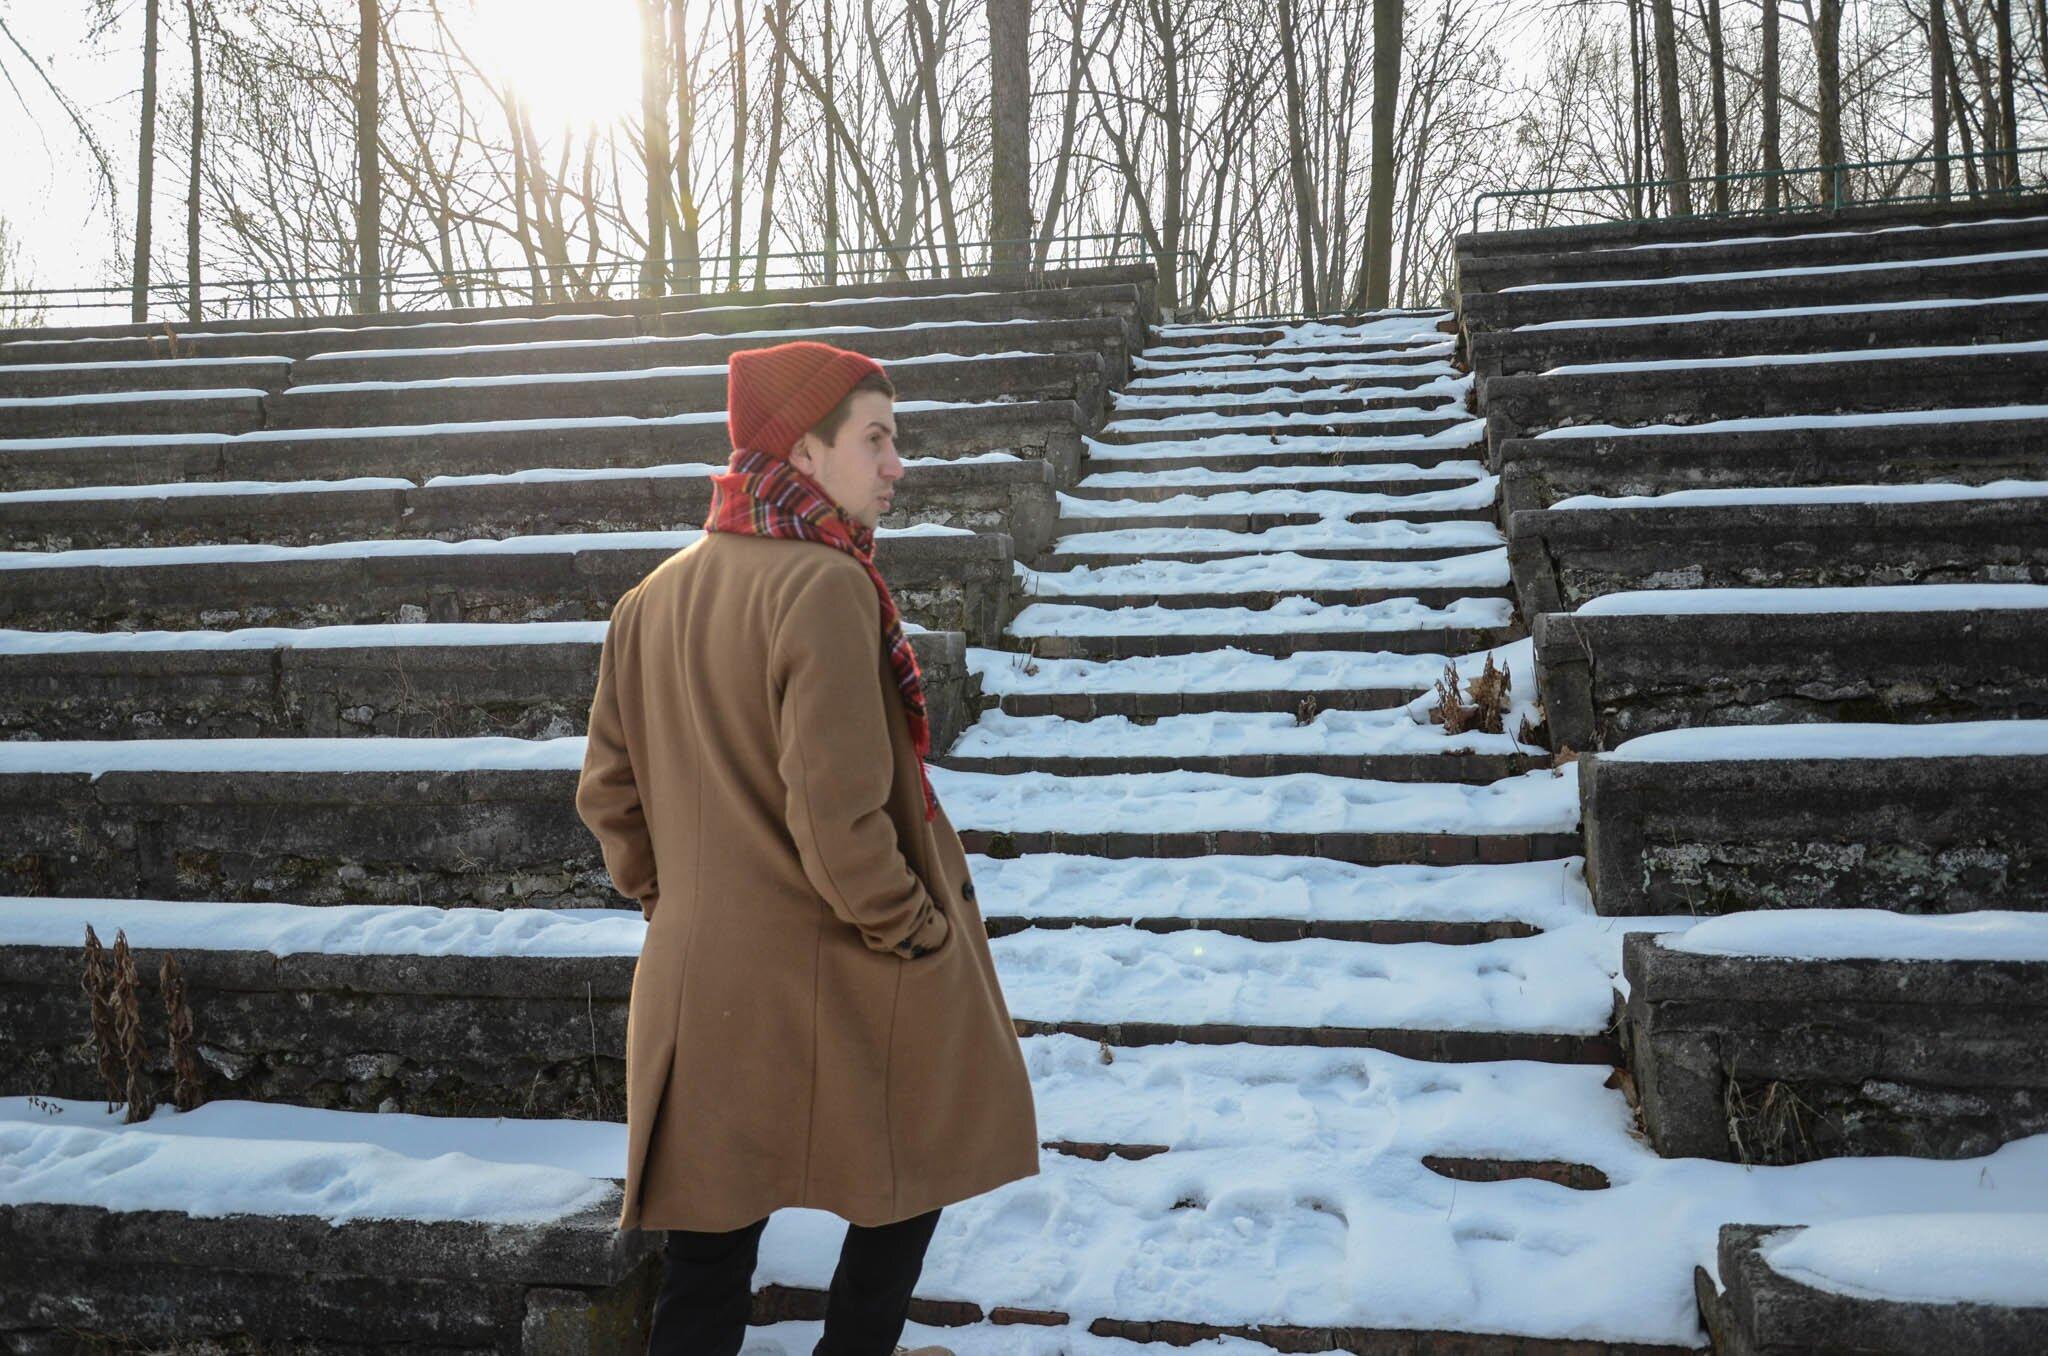 Stadion korony Kraków, Blog o modzie męskiej w Krakowie, Fajne i nietypowe miejsca w Krakowie